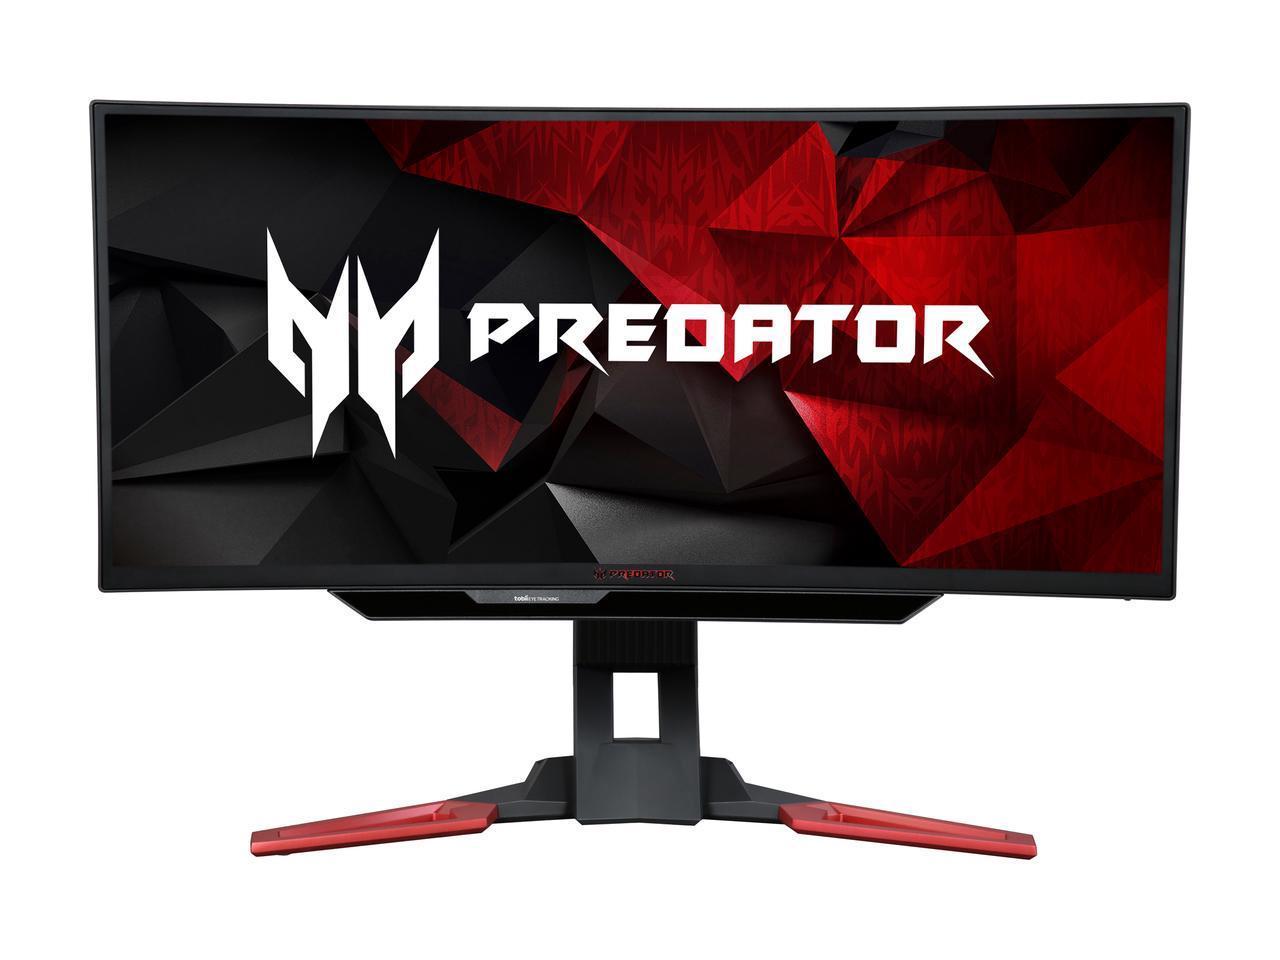 """Acer Predator Z1 30"""" Monitor G-Sync - $399.99 @ Newegg.com"""